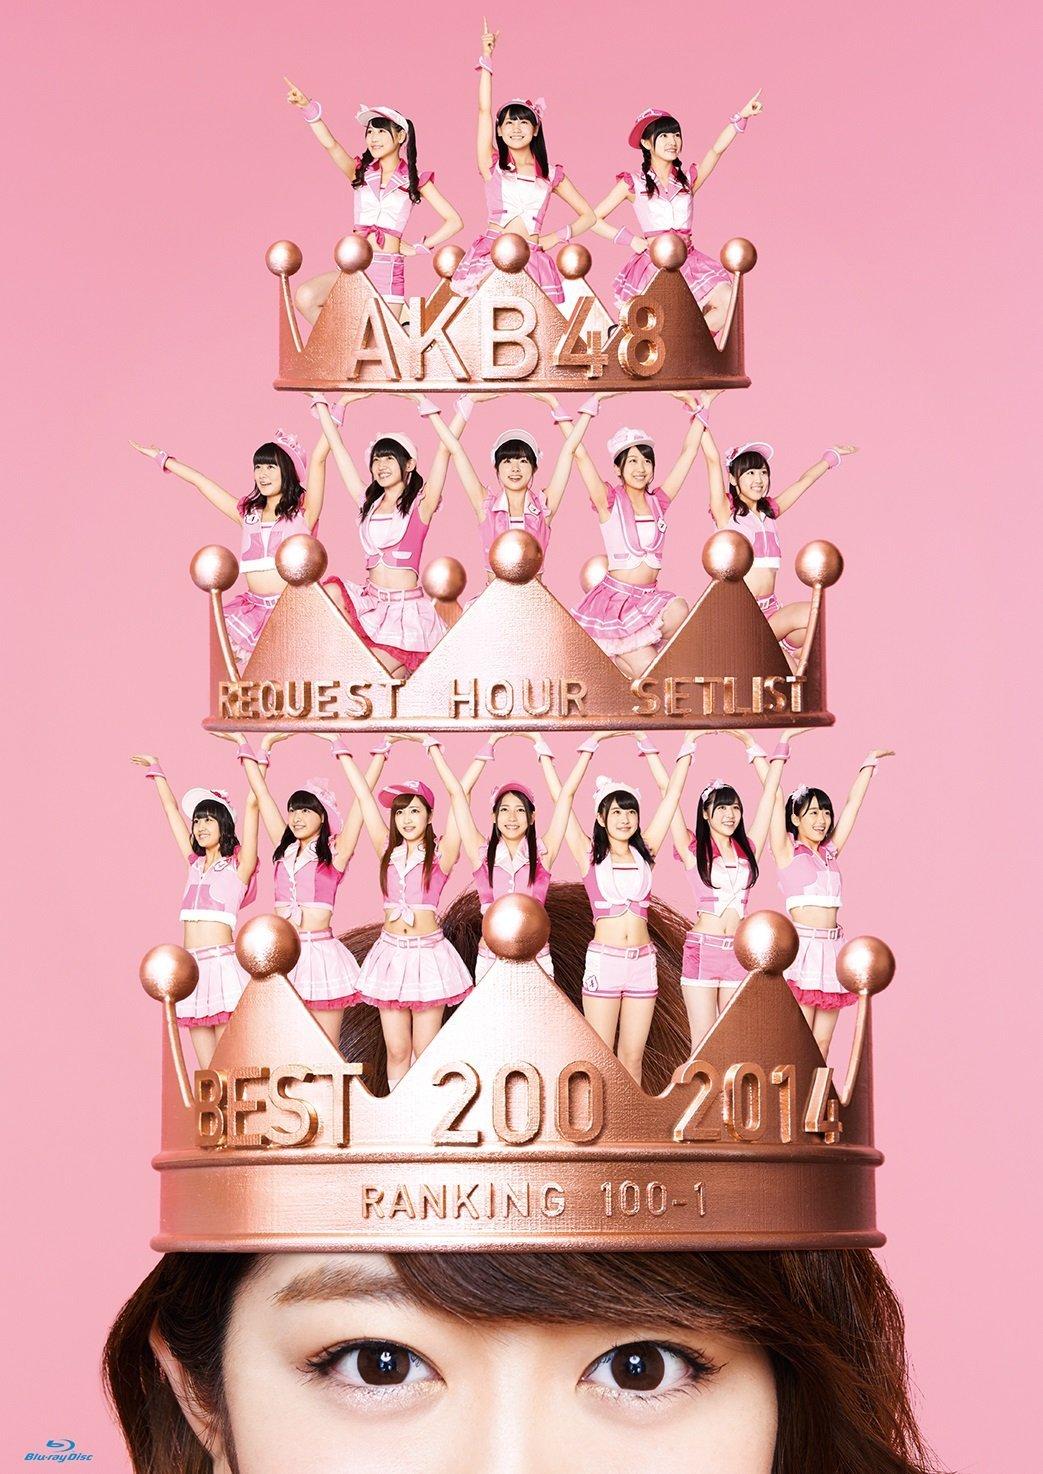 AKB48 リクエストアワーセットリストベスト200 2014 (100~1ver.)